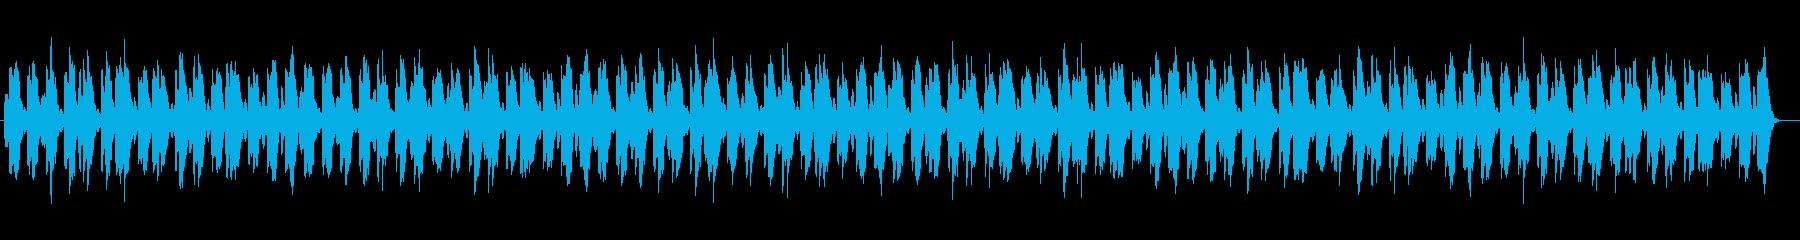 切なく美しいシンセサイザーサウンドの再生済みの波形